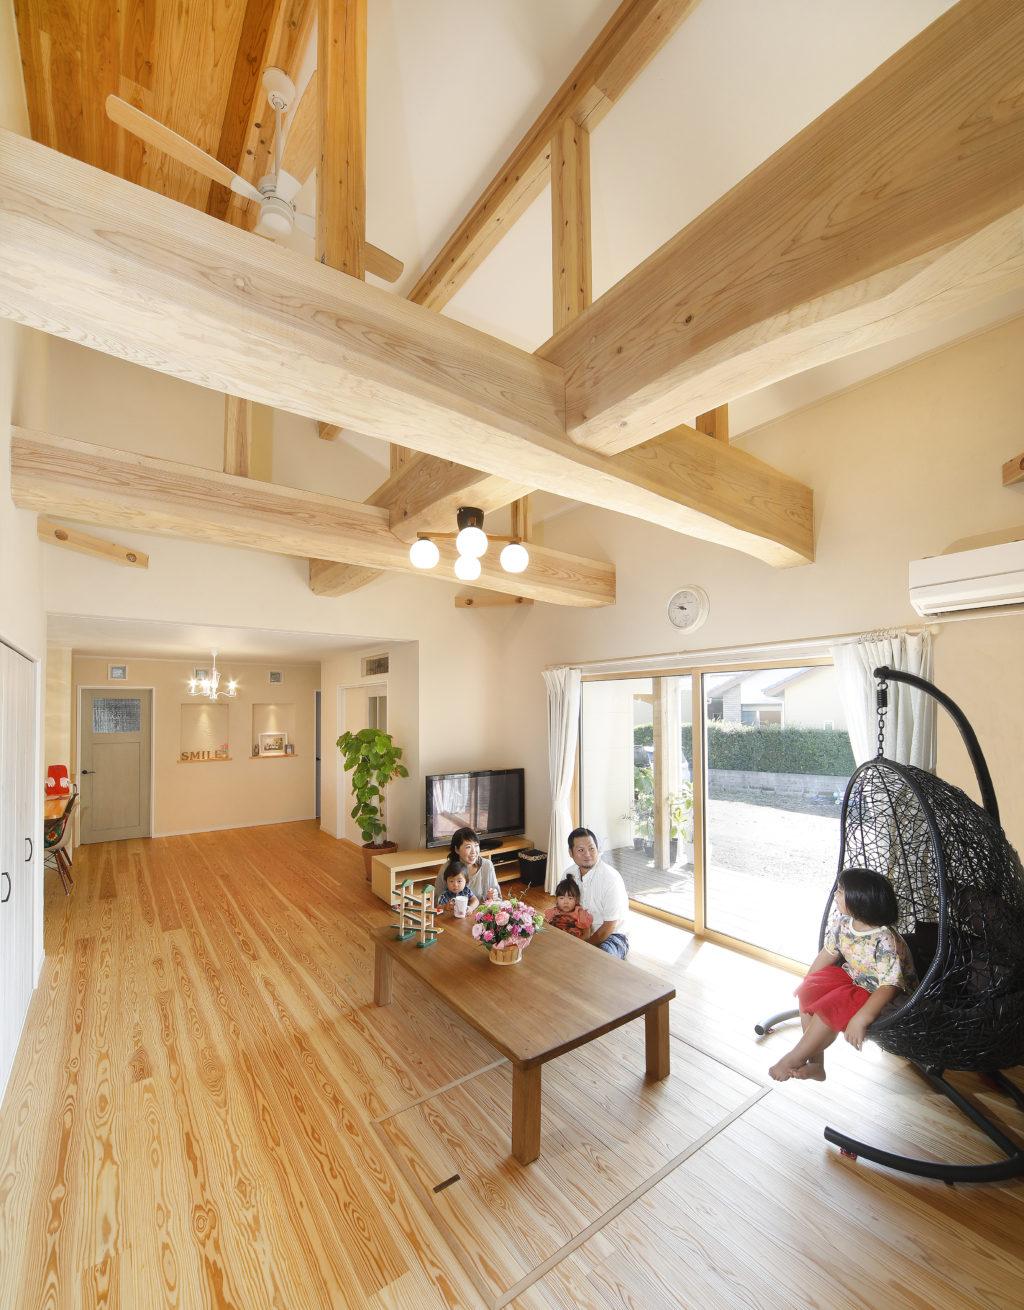 M邸「おおらかな木の梁に守られて、家族の未来はもっと豊になる」